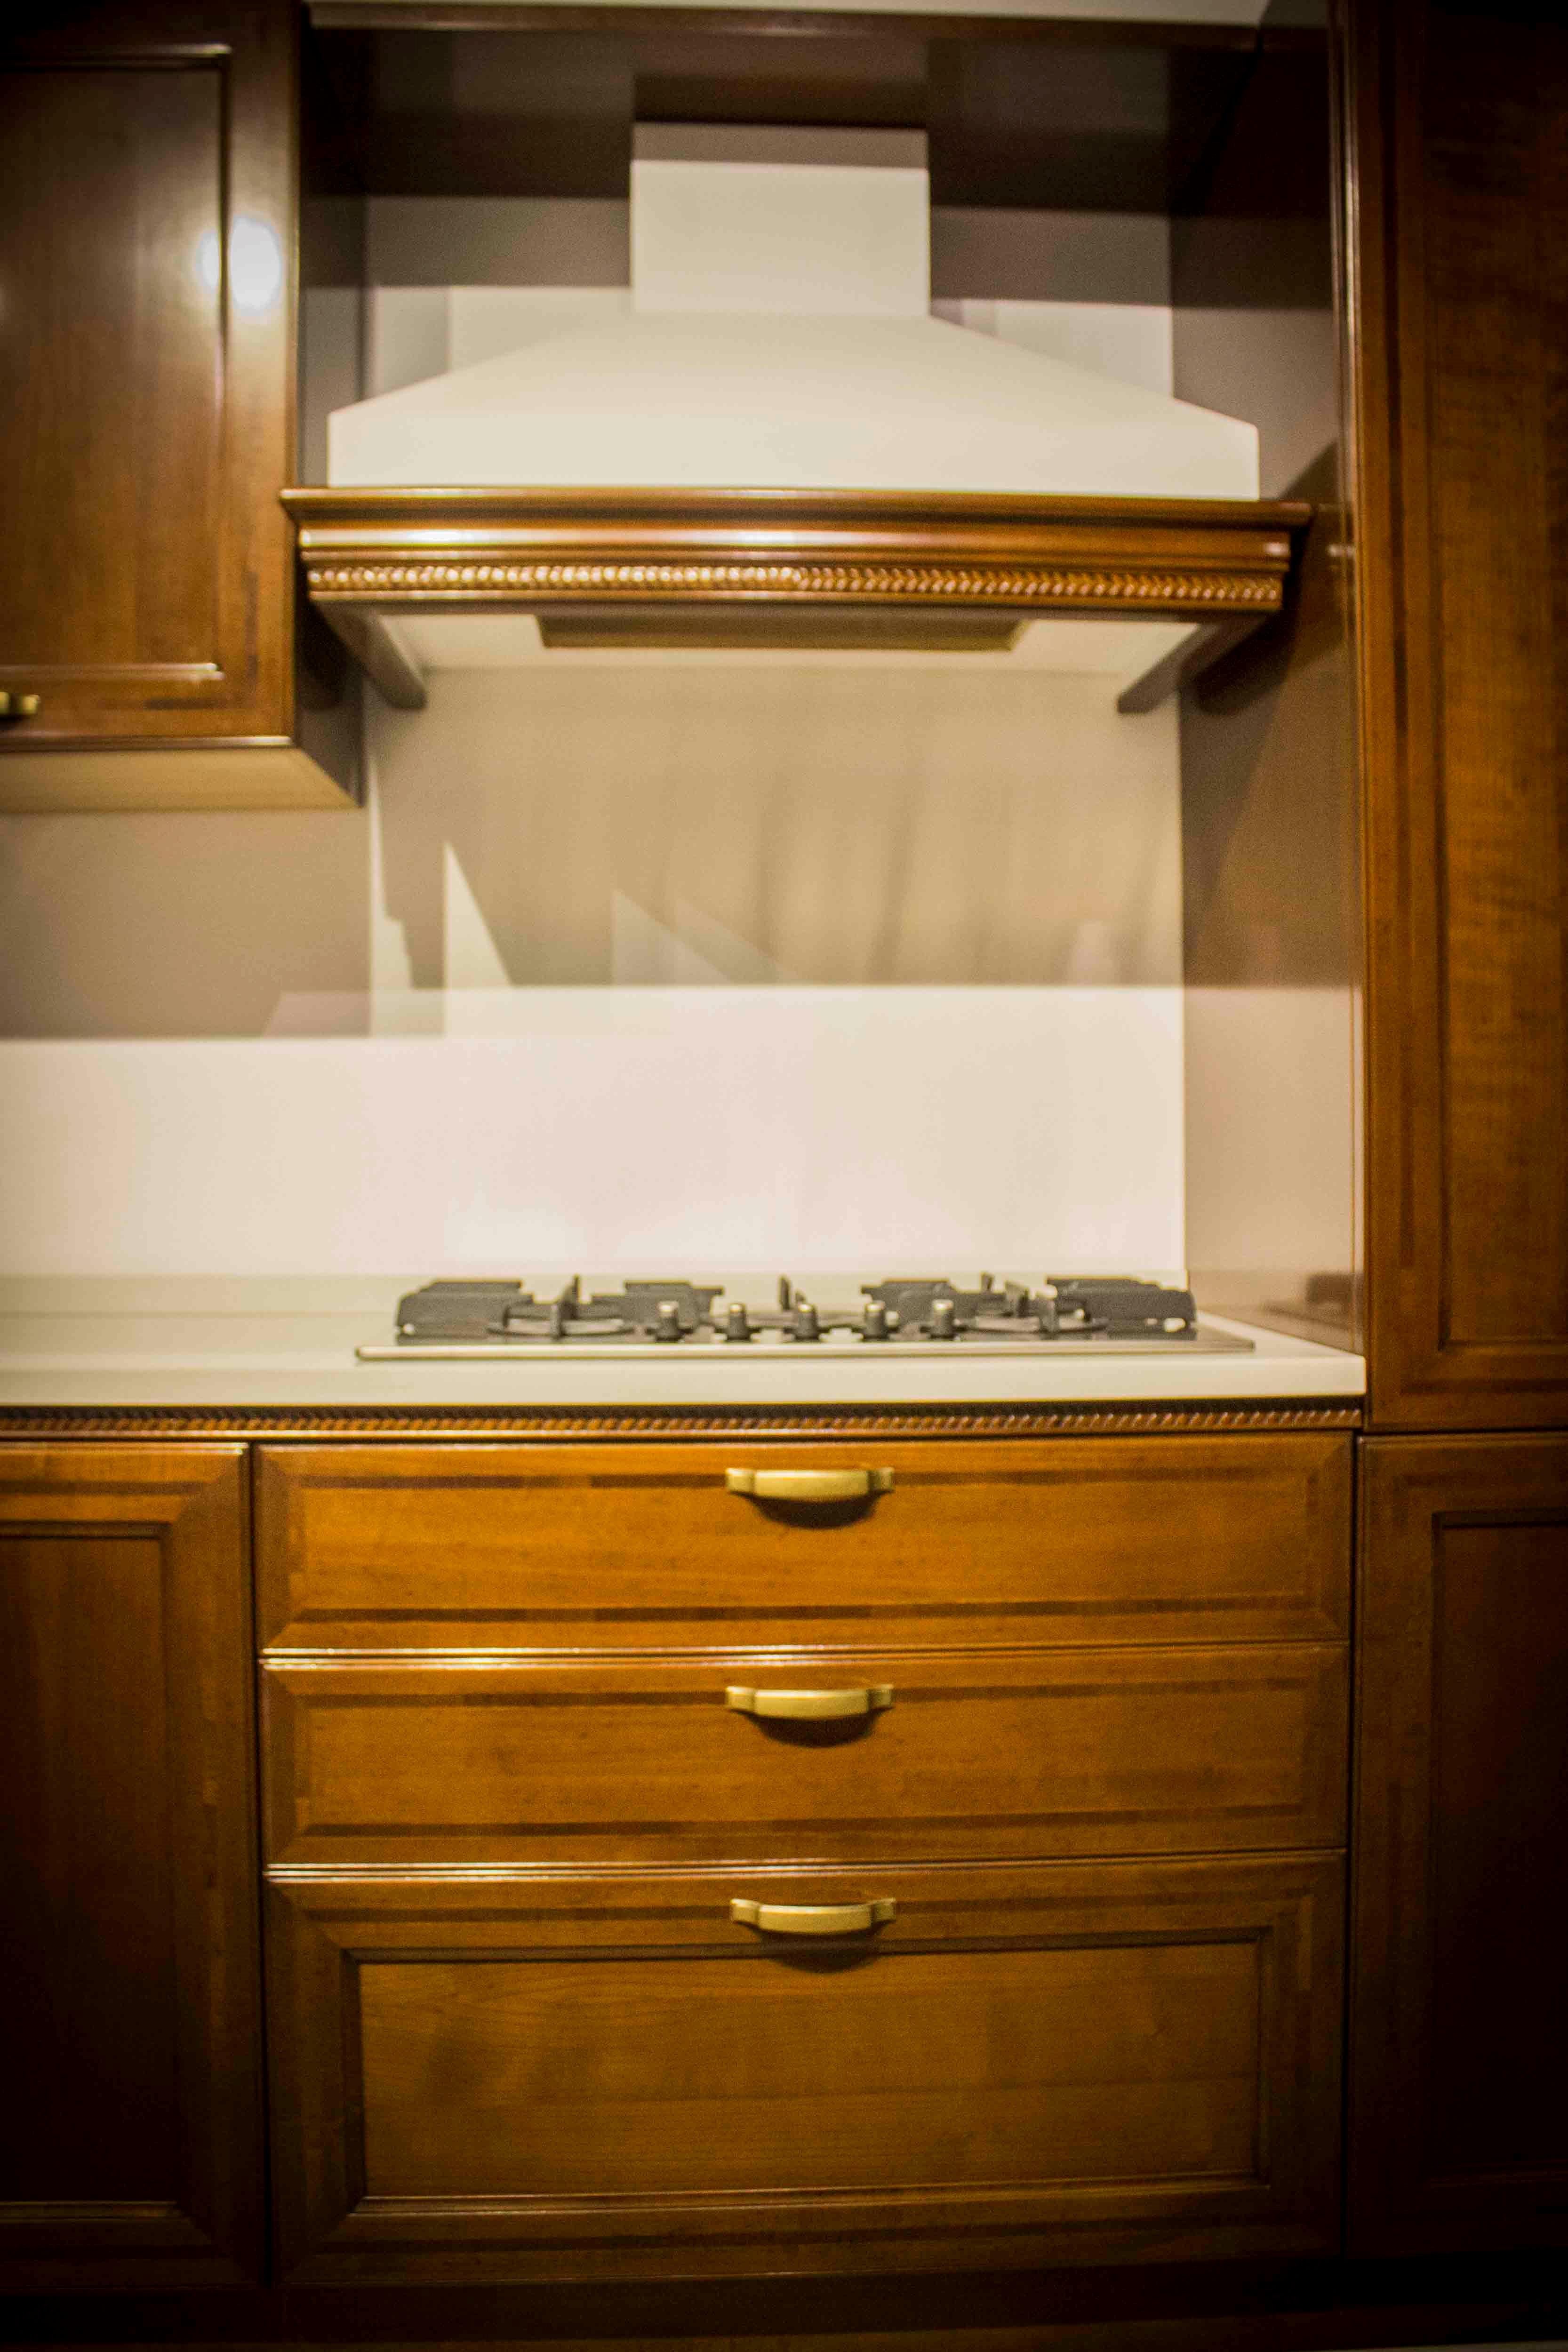 Cucina le fablier mod i ciliegi scontata del 50 cucine for Le fablier cagliari